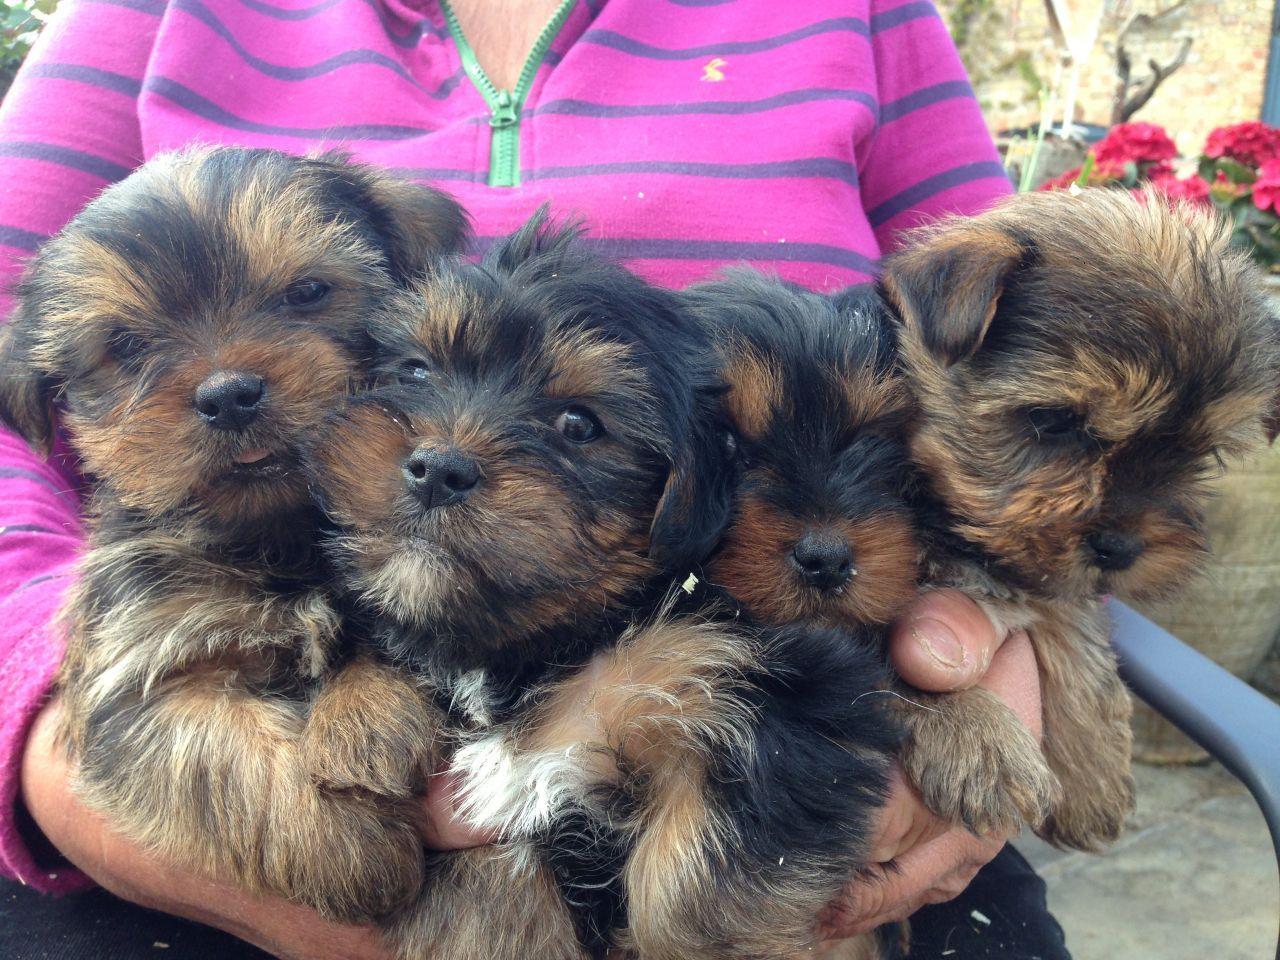 Shih Tzu Yorkshire Terrier Beloved Dog Dog Adoption Dogs